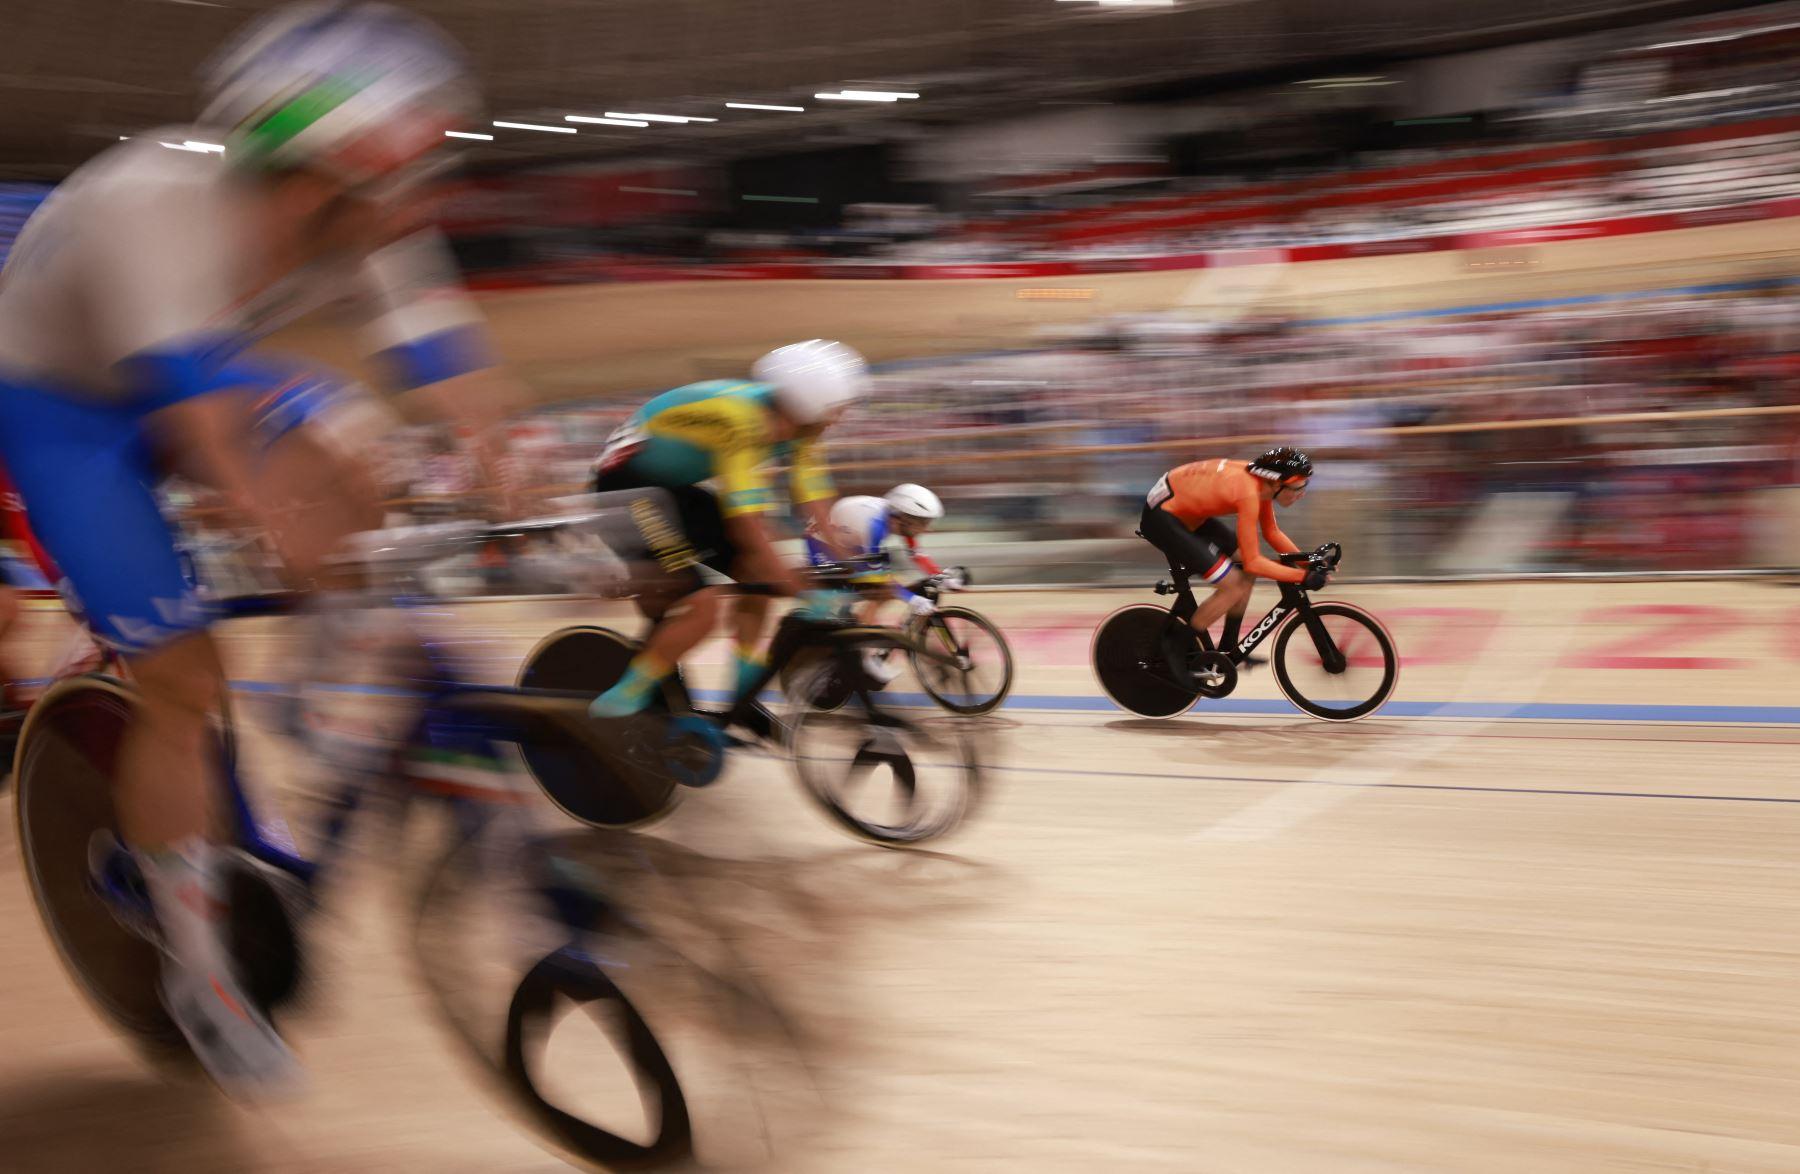 El holandés Jan Willem Van Schip compite en la carrera de puntos omnium de ciclismo, en pista masculino durante los Juegos Olímpicos de Tokio 2020 en el Velódromo de Izu.Foto:AFP